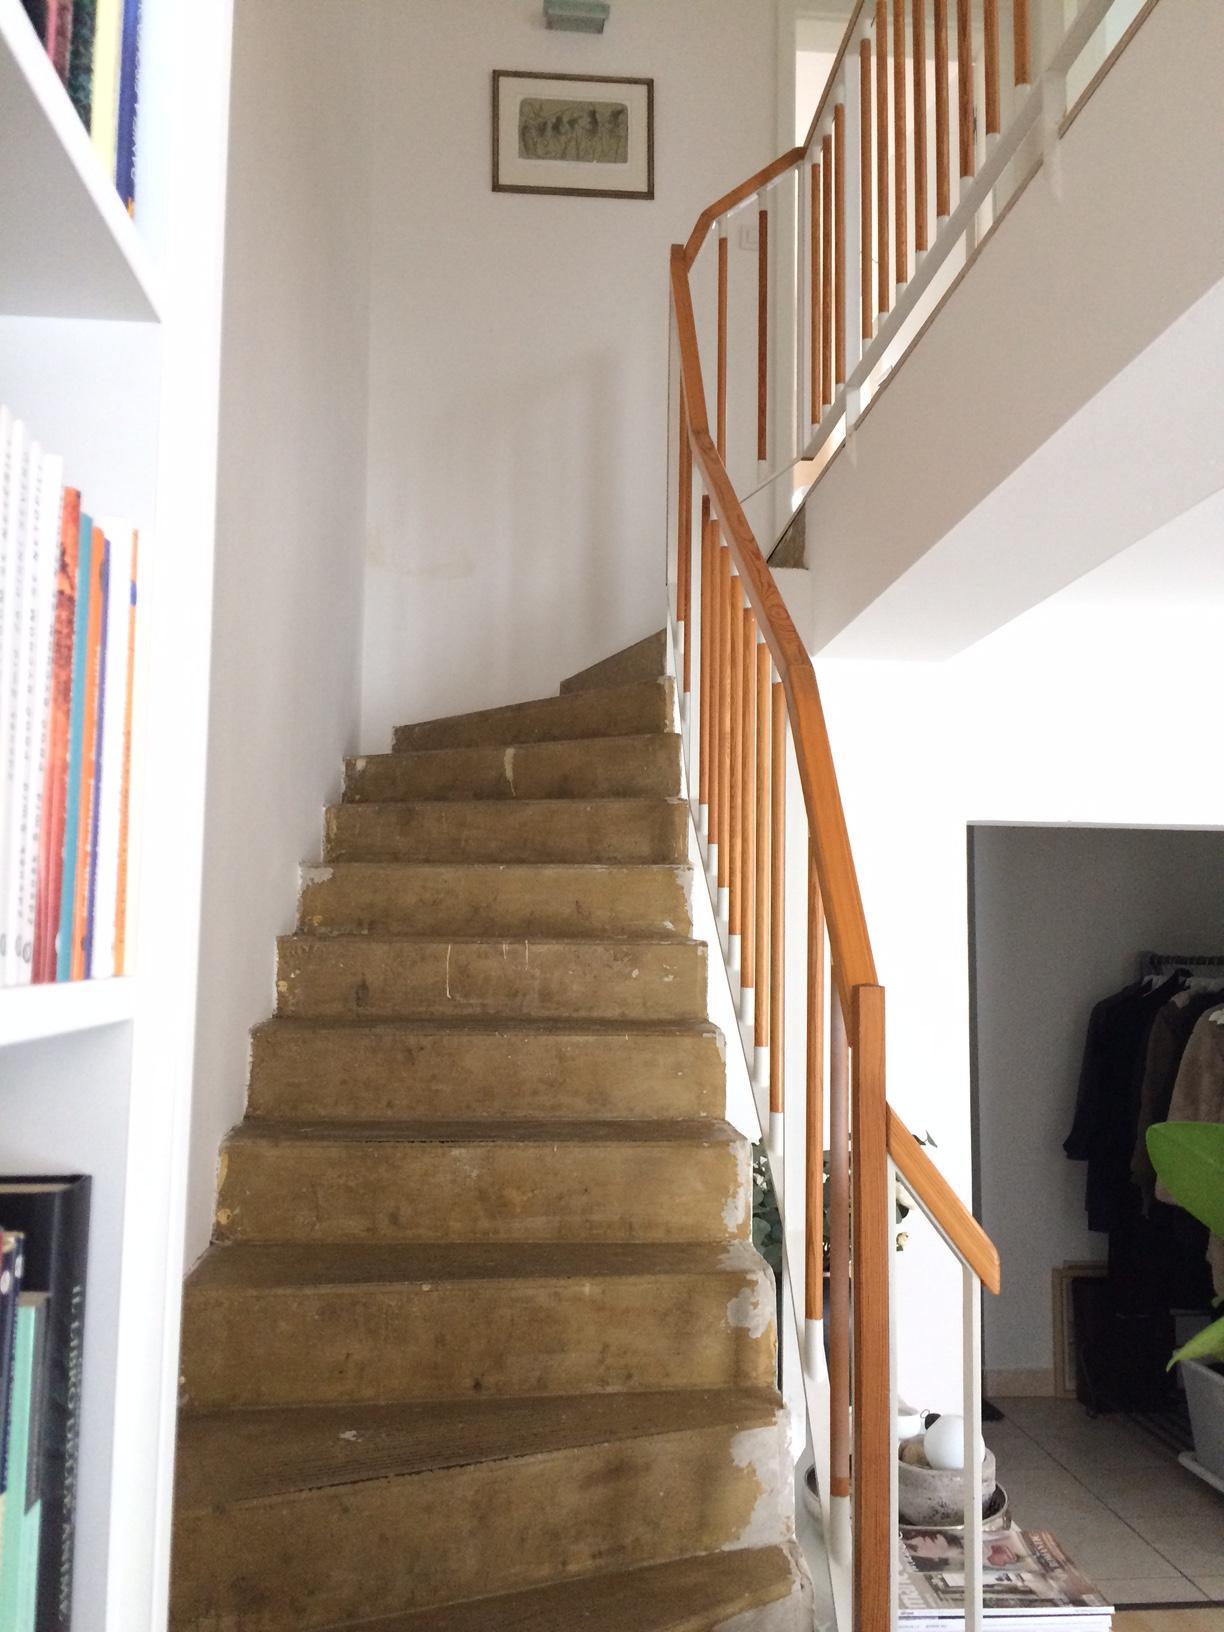 Renovace schodiště - betonové schodiště s vrstvou lepidla po koberci... omg, na fotce snad ještě ošklivější než ve skutečnosti :-(